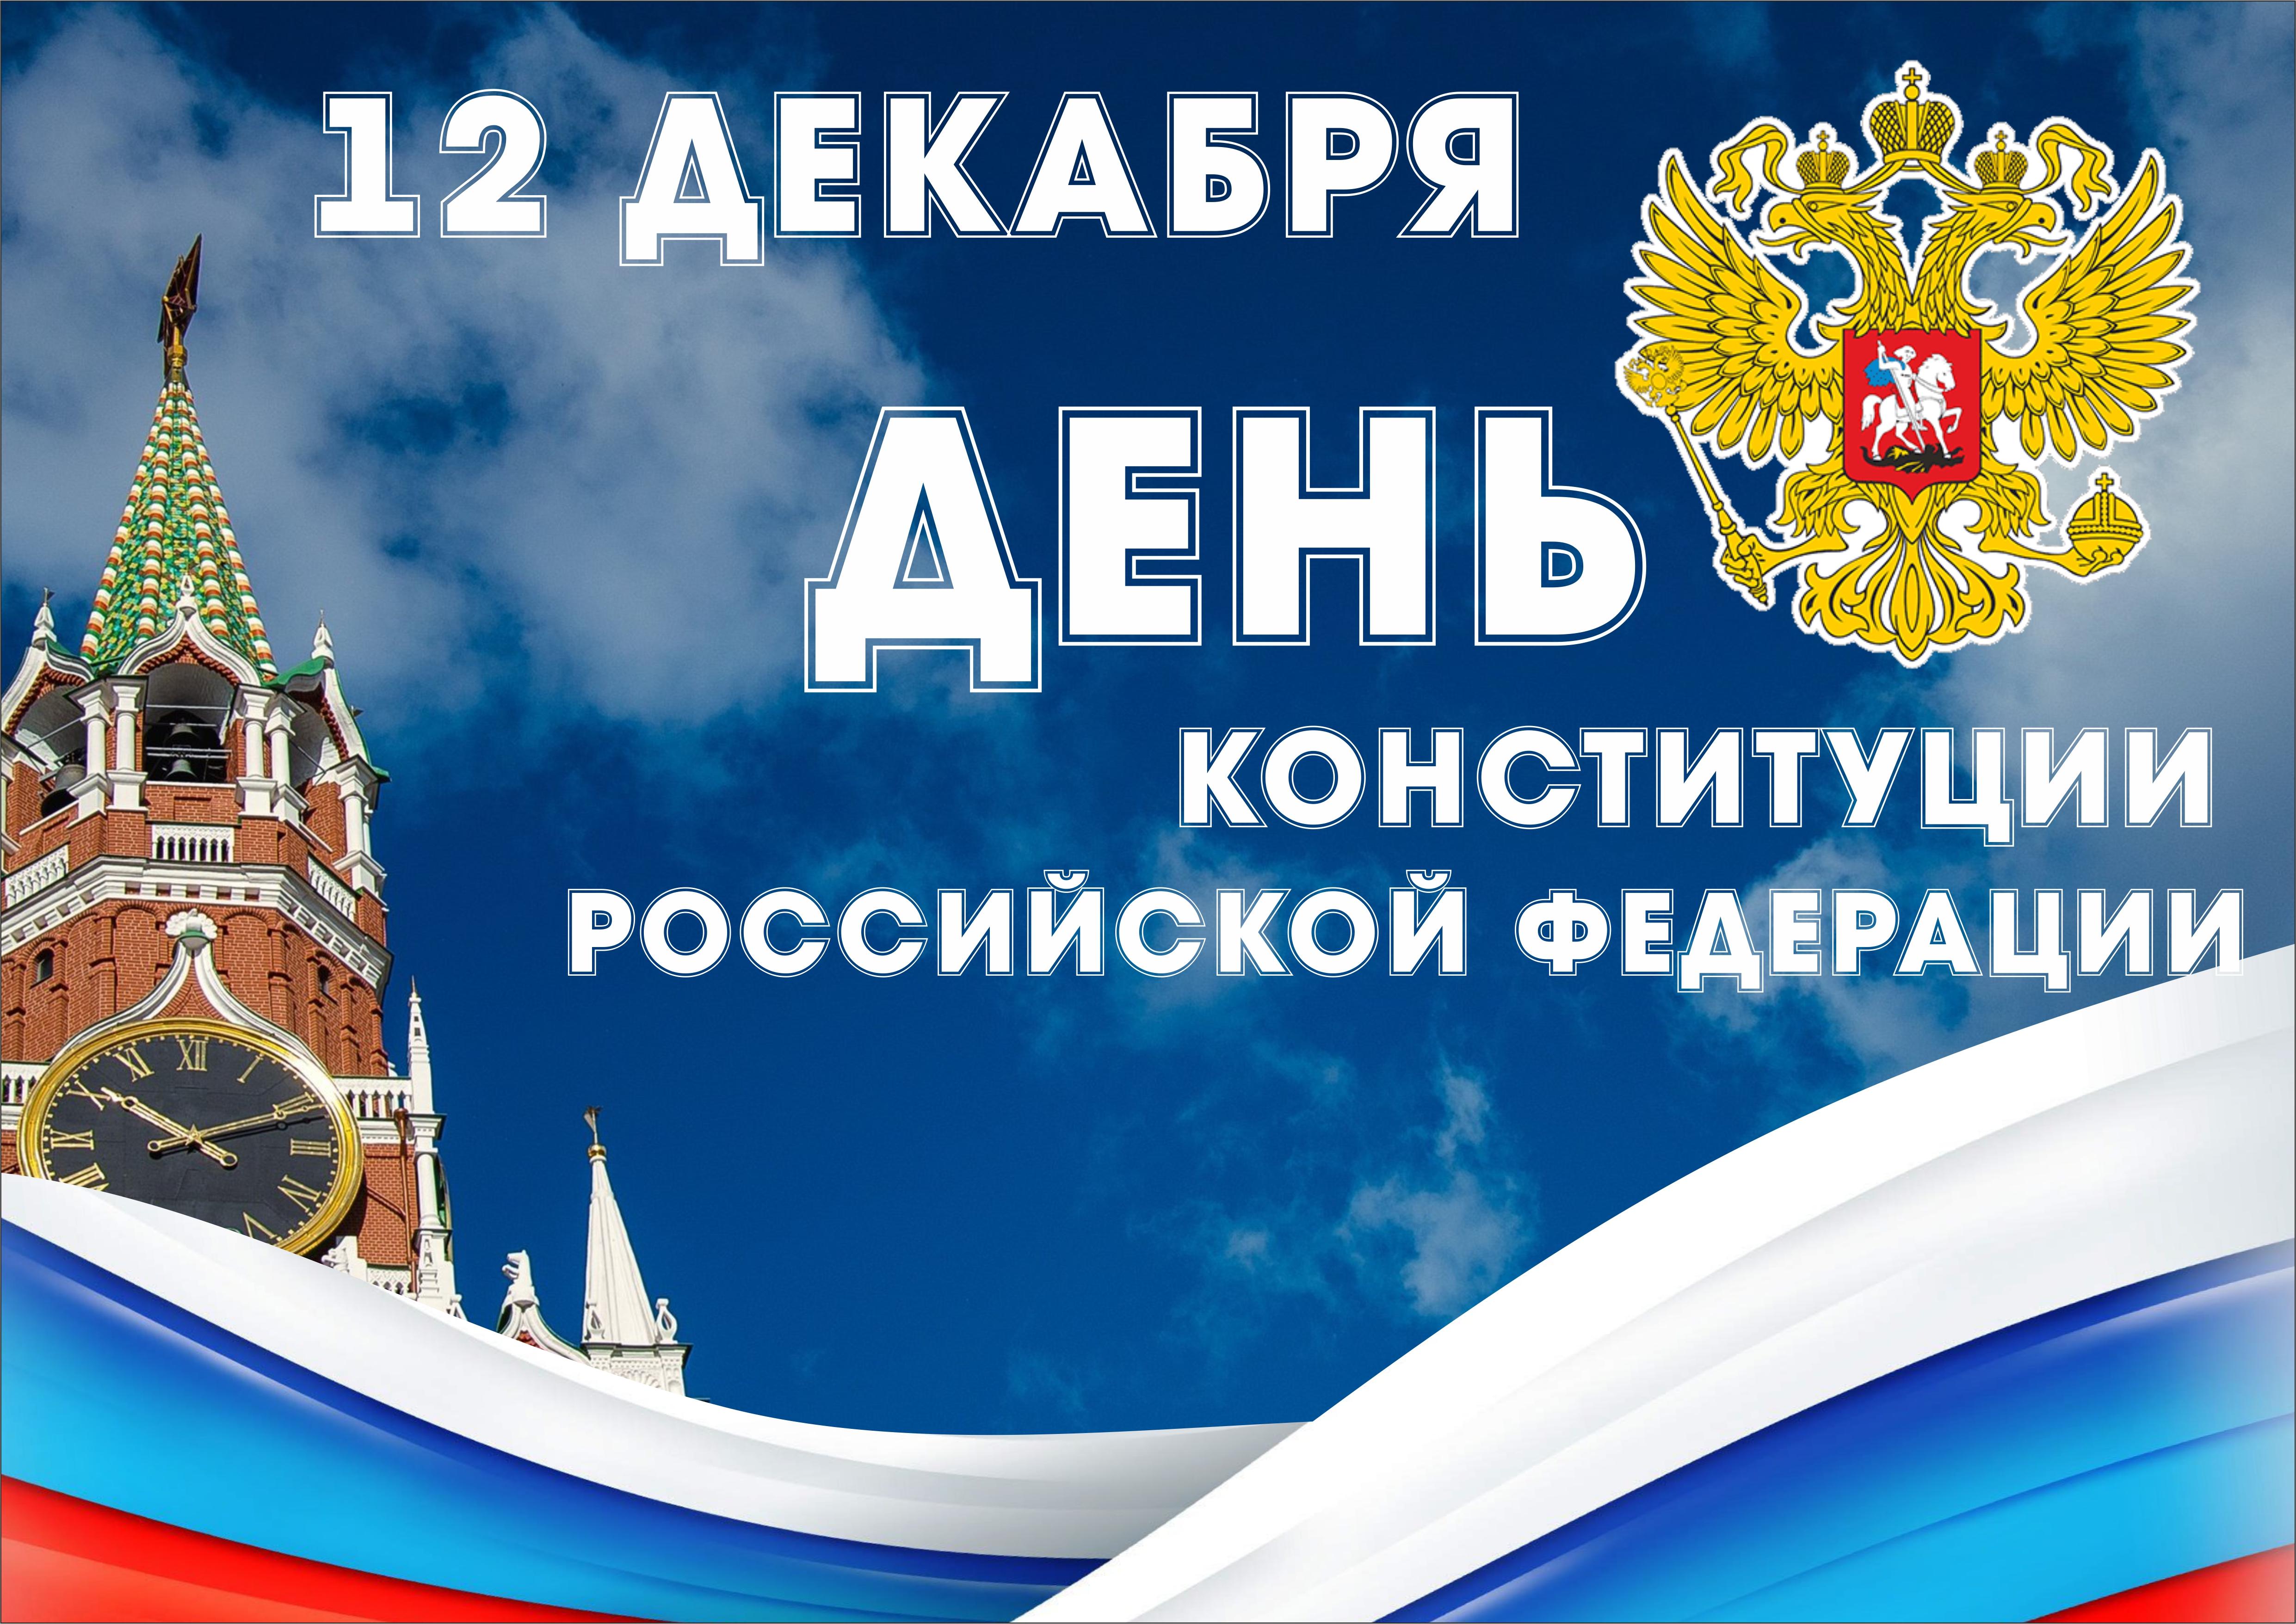 поначалу поздравление к дню конституции россии подходит